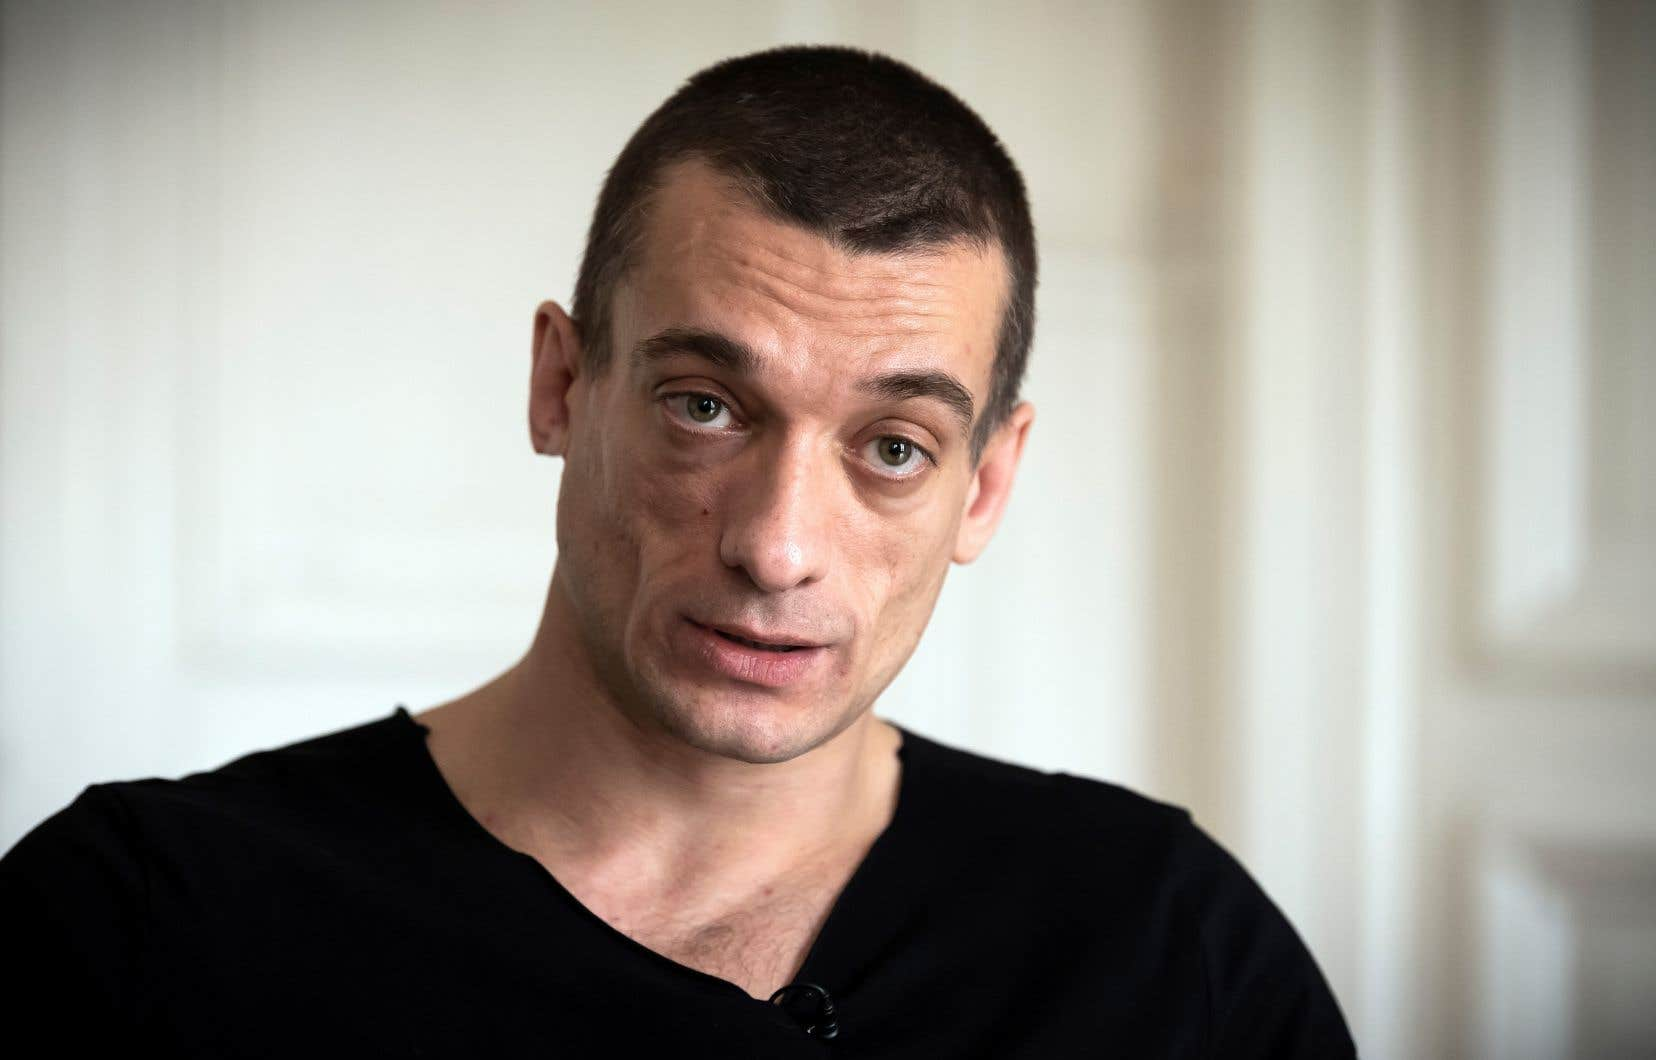 L'artiste russe Piotr Pavlenski et sa compagne, Alexandra de Taddeo, ont été placés en garde à vue pour «atteinte à l'intimité de la vie privée» et «diffusion sans l'accord de la personne d'images à caractère sexuel».